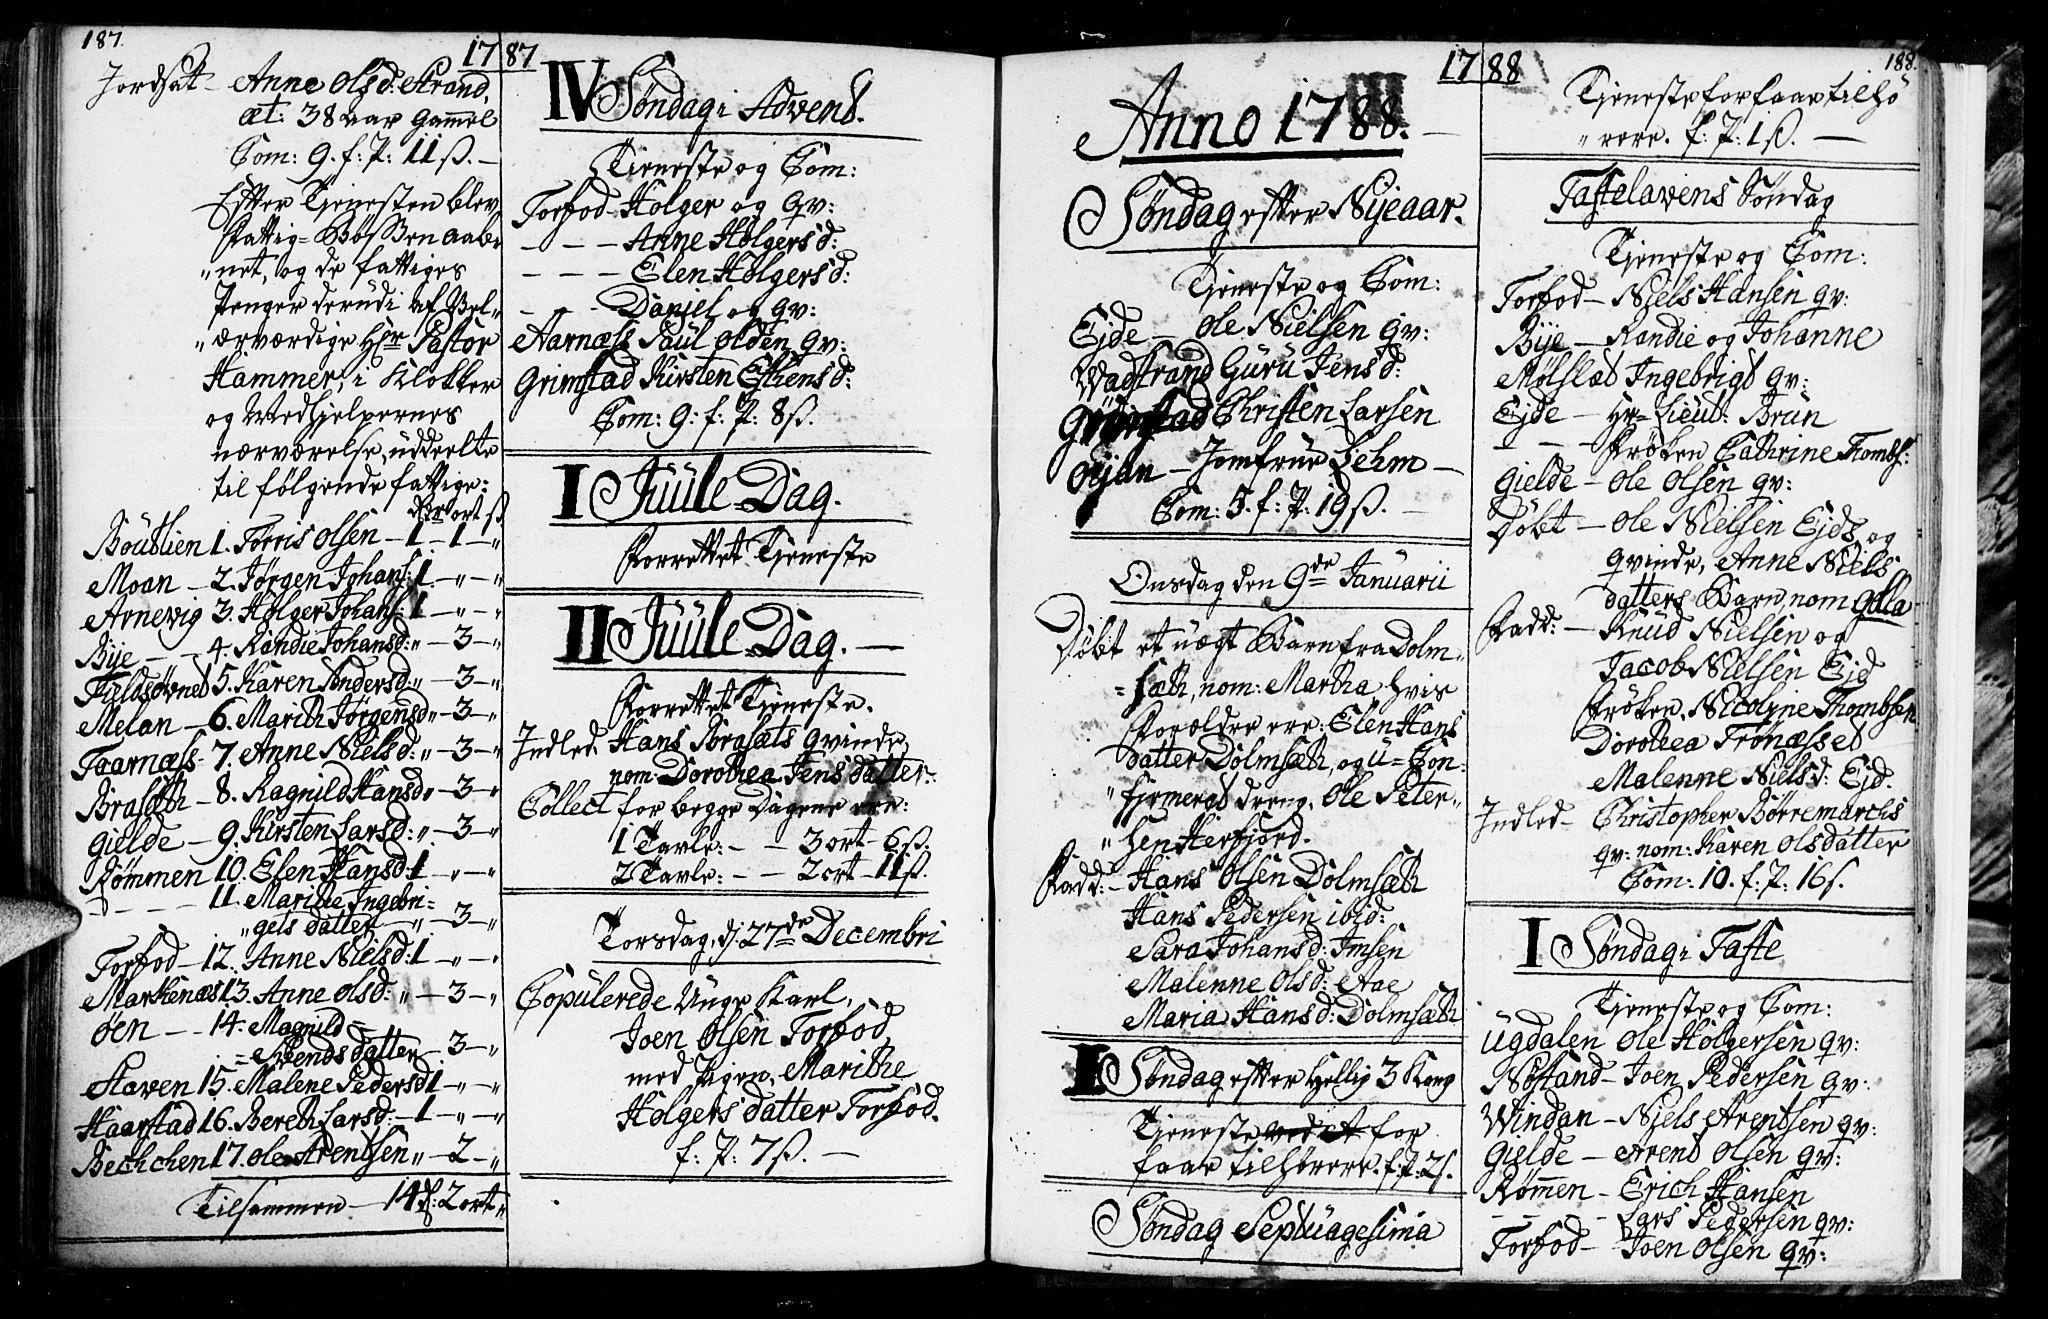 SAT, Ministerialprotokoller, klokkerbøker og fødselsregistre - Sør-Trøndelag, 655/L0685: Klokkerbok nr. 655C01, 1777-1788, s. 187-188